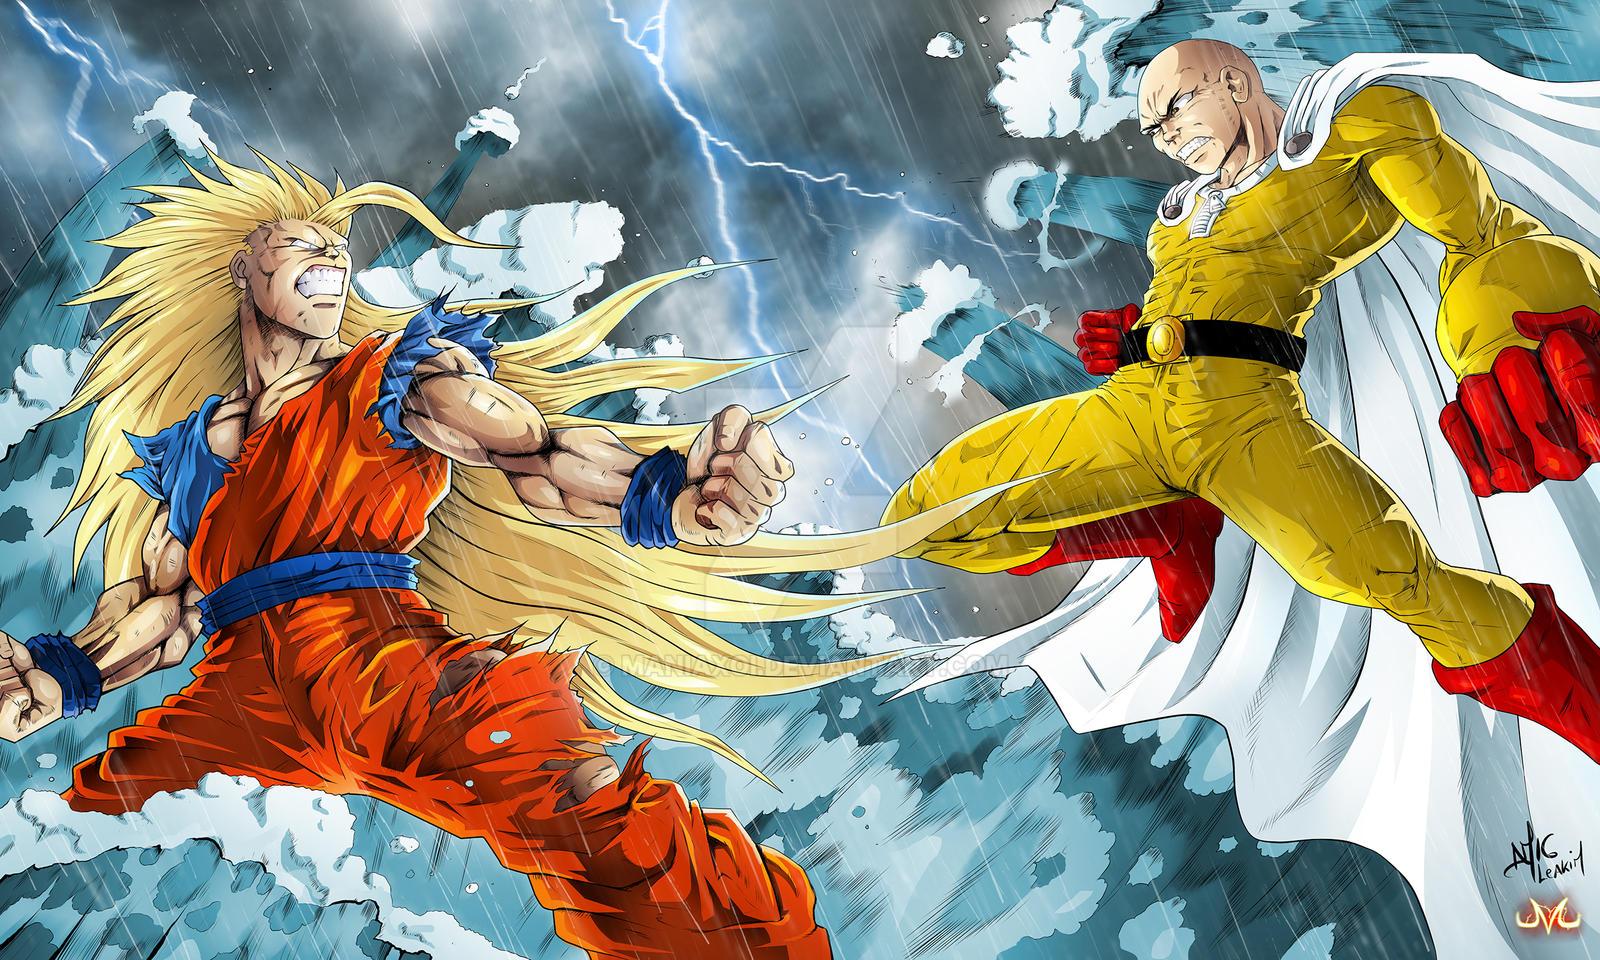 Goku Vs Thanos: Collab : Goku Vs Saitama By Maniaxoi On DeviantArt